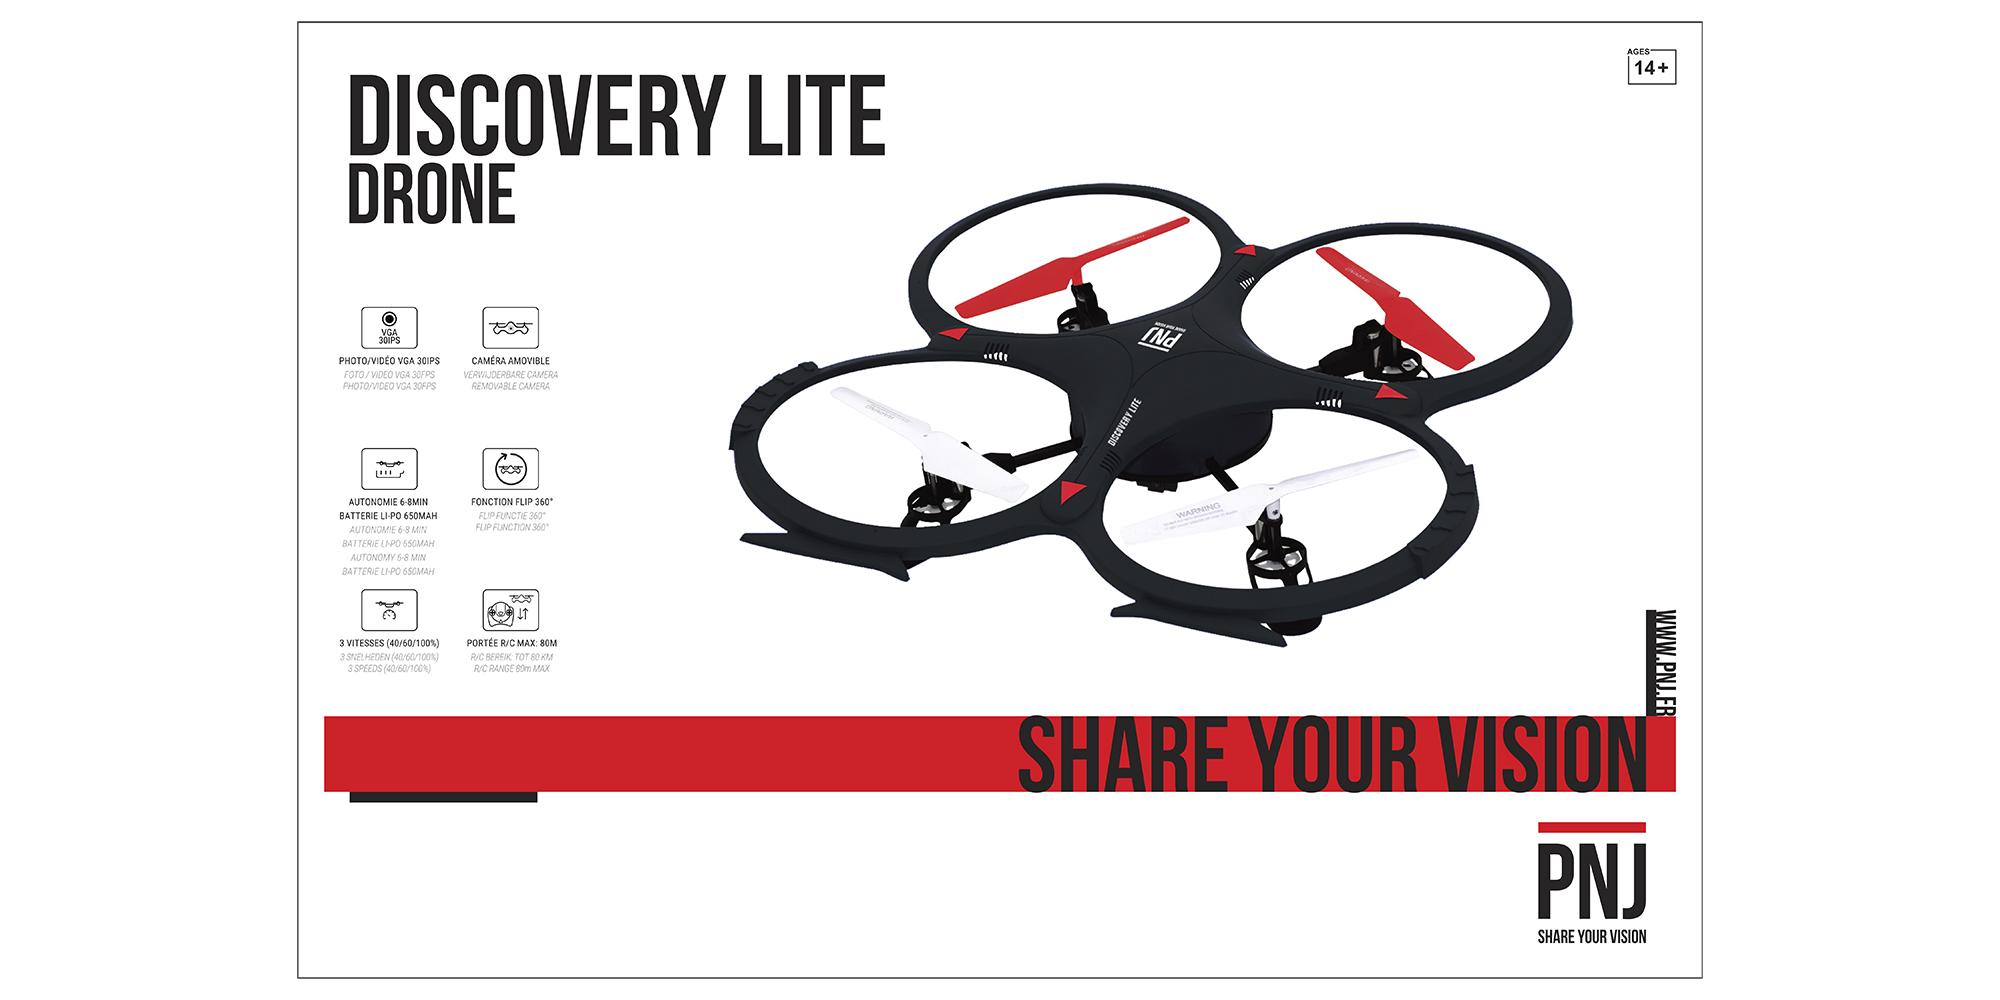 Inclus dans le pack: Drone DISCOVERY LITE avec caméra amovible…